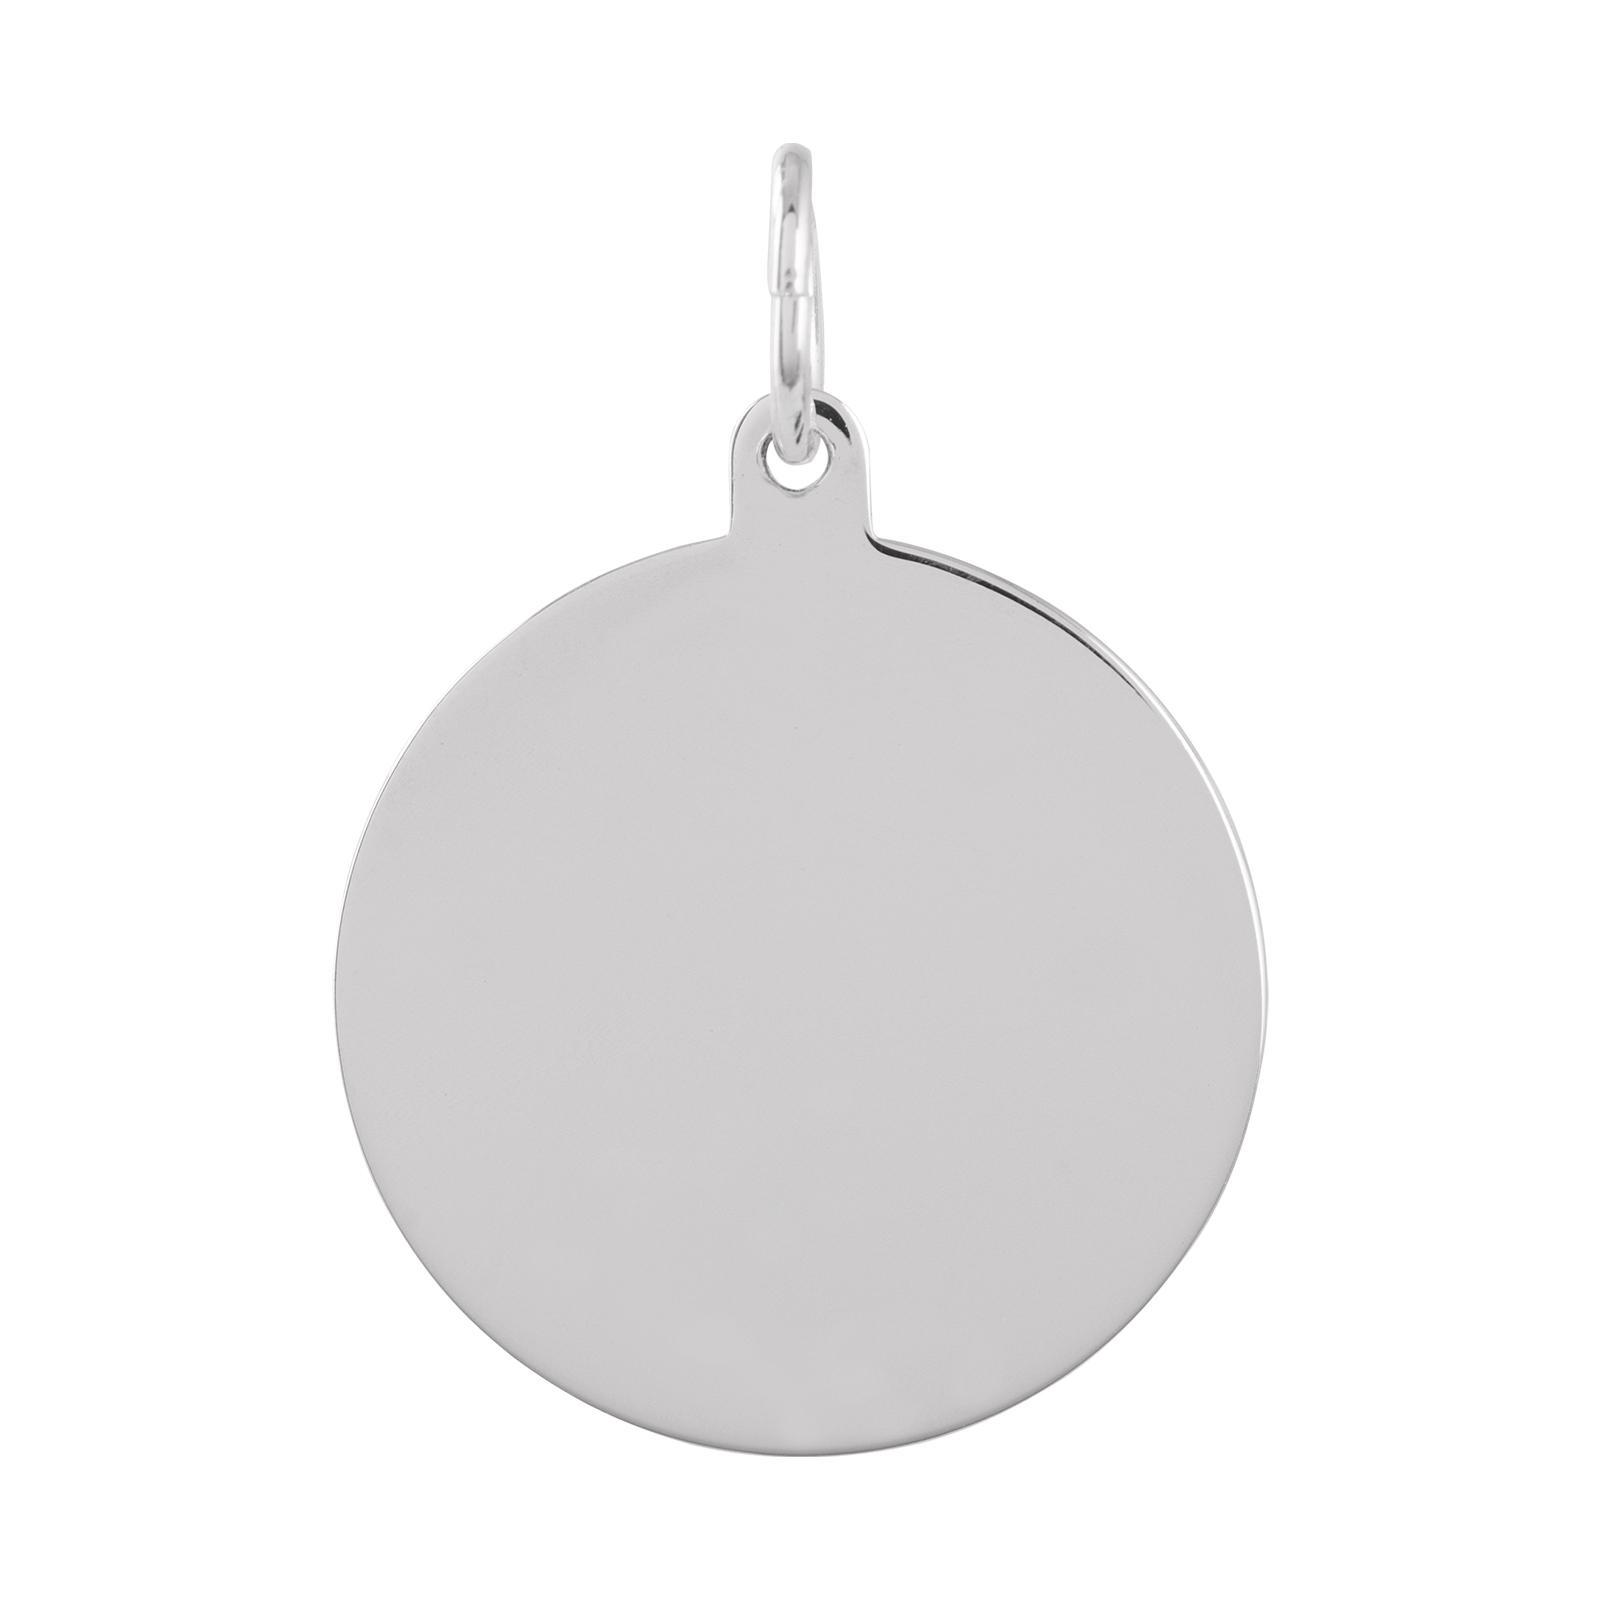 Berlock Silver -Blankt hänge 16 mm